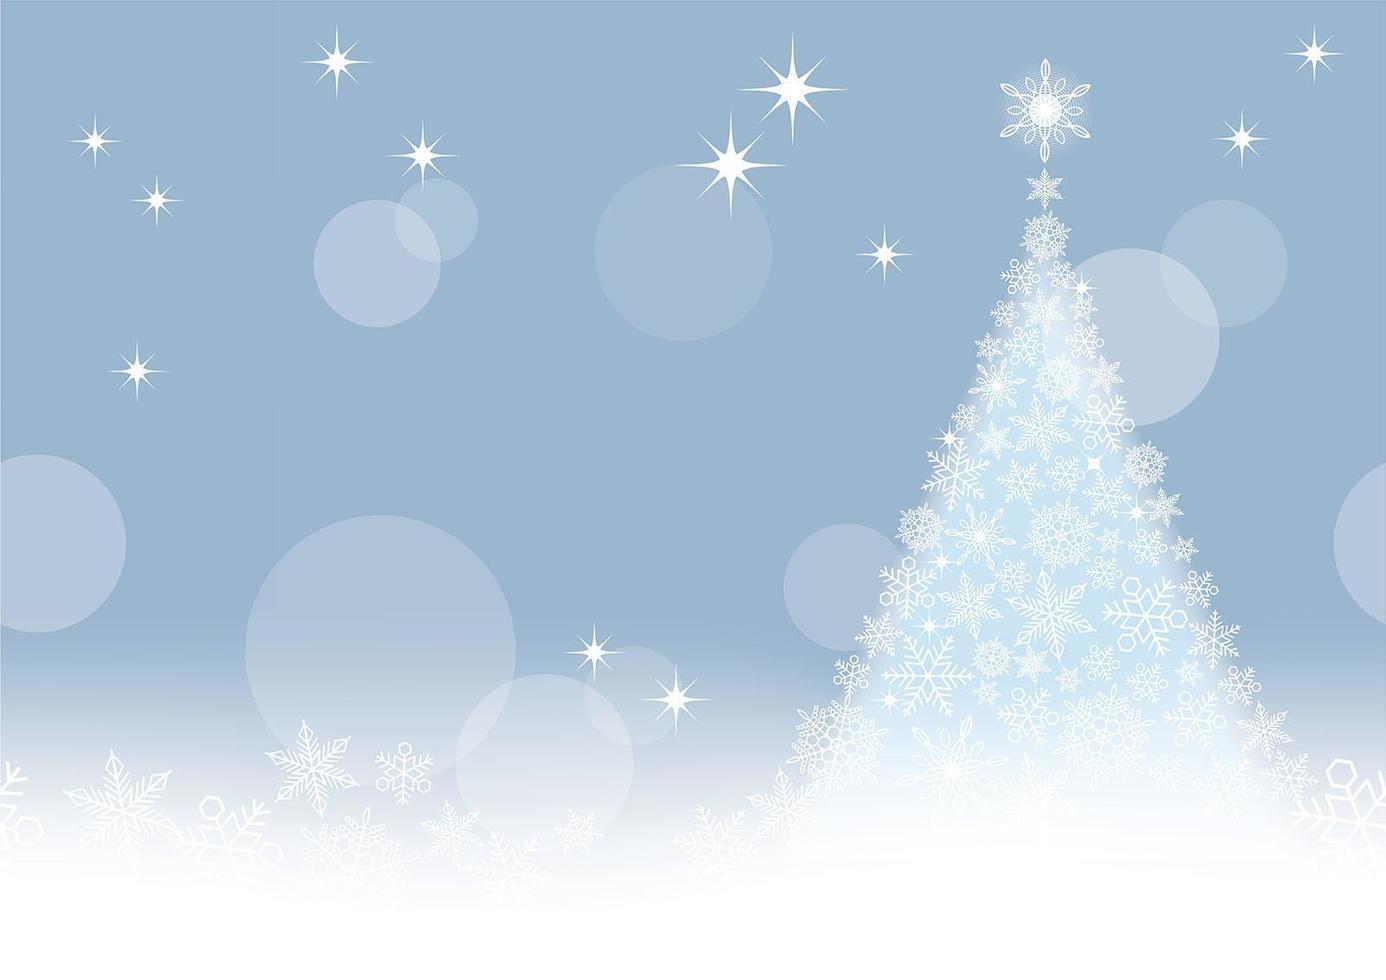 abstracte kerst achtergrond vector